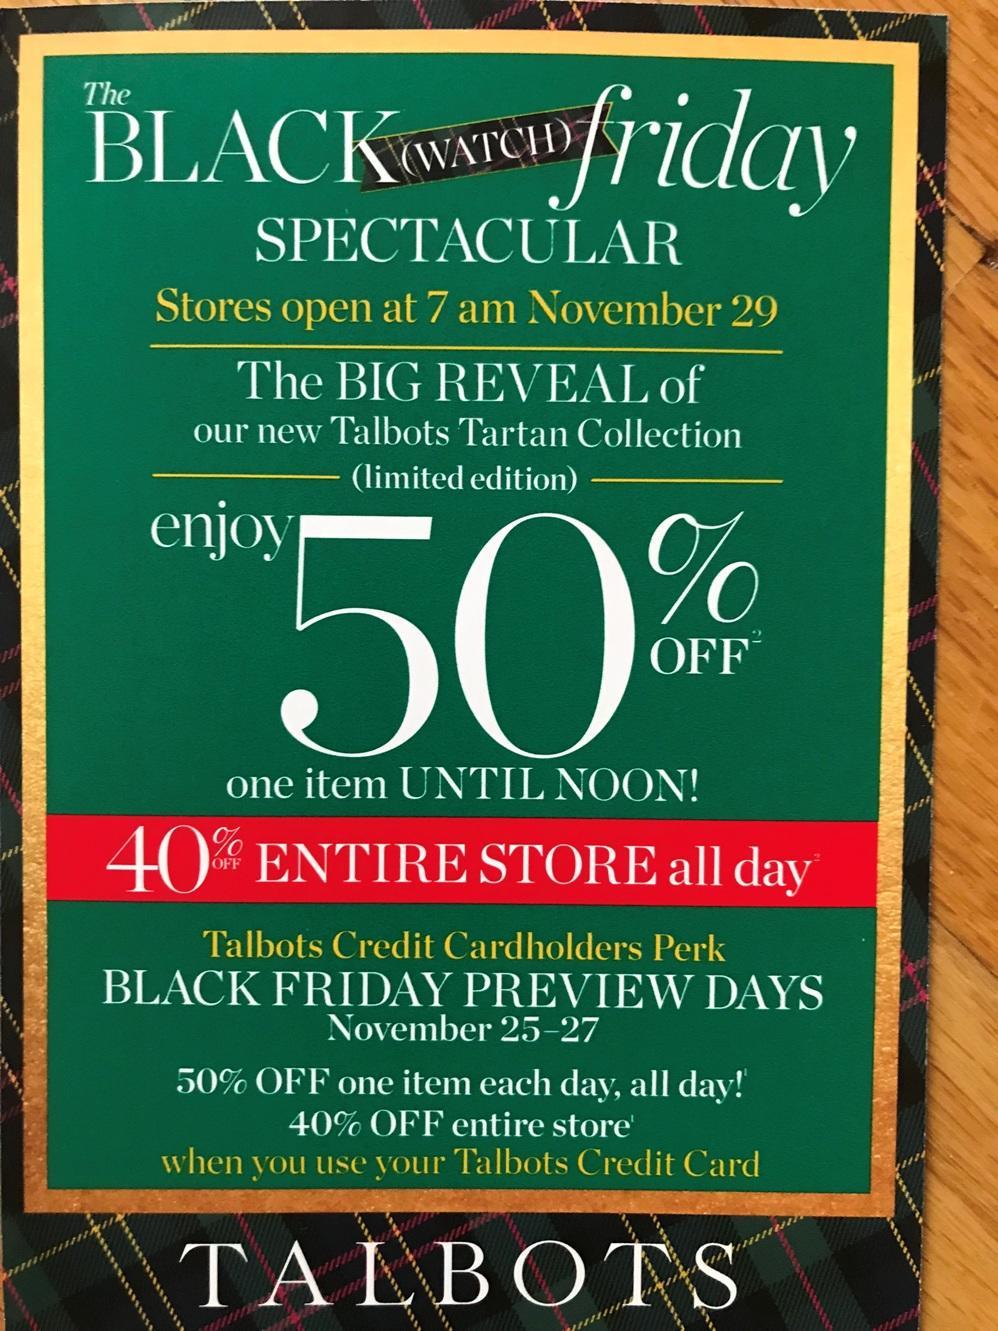 Talbots Black Friday Ads